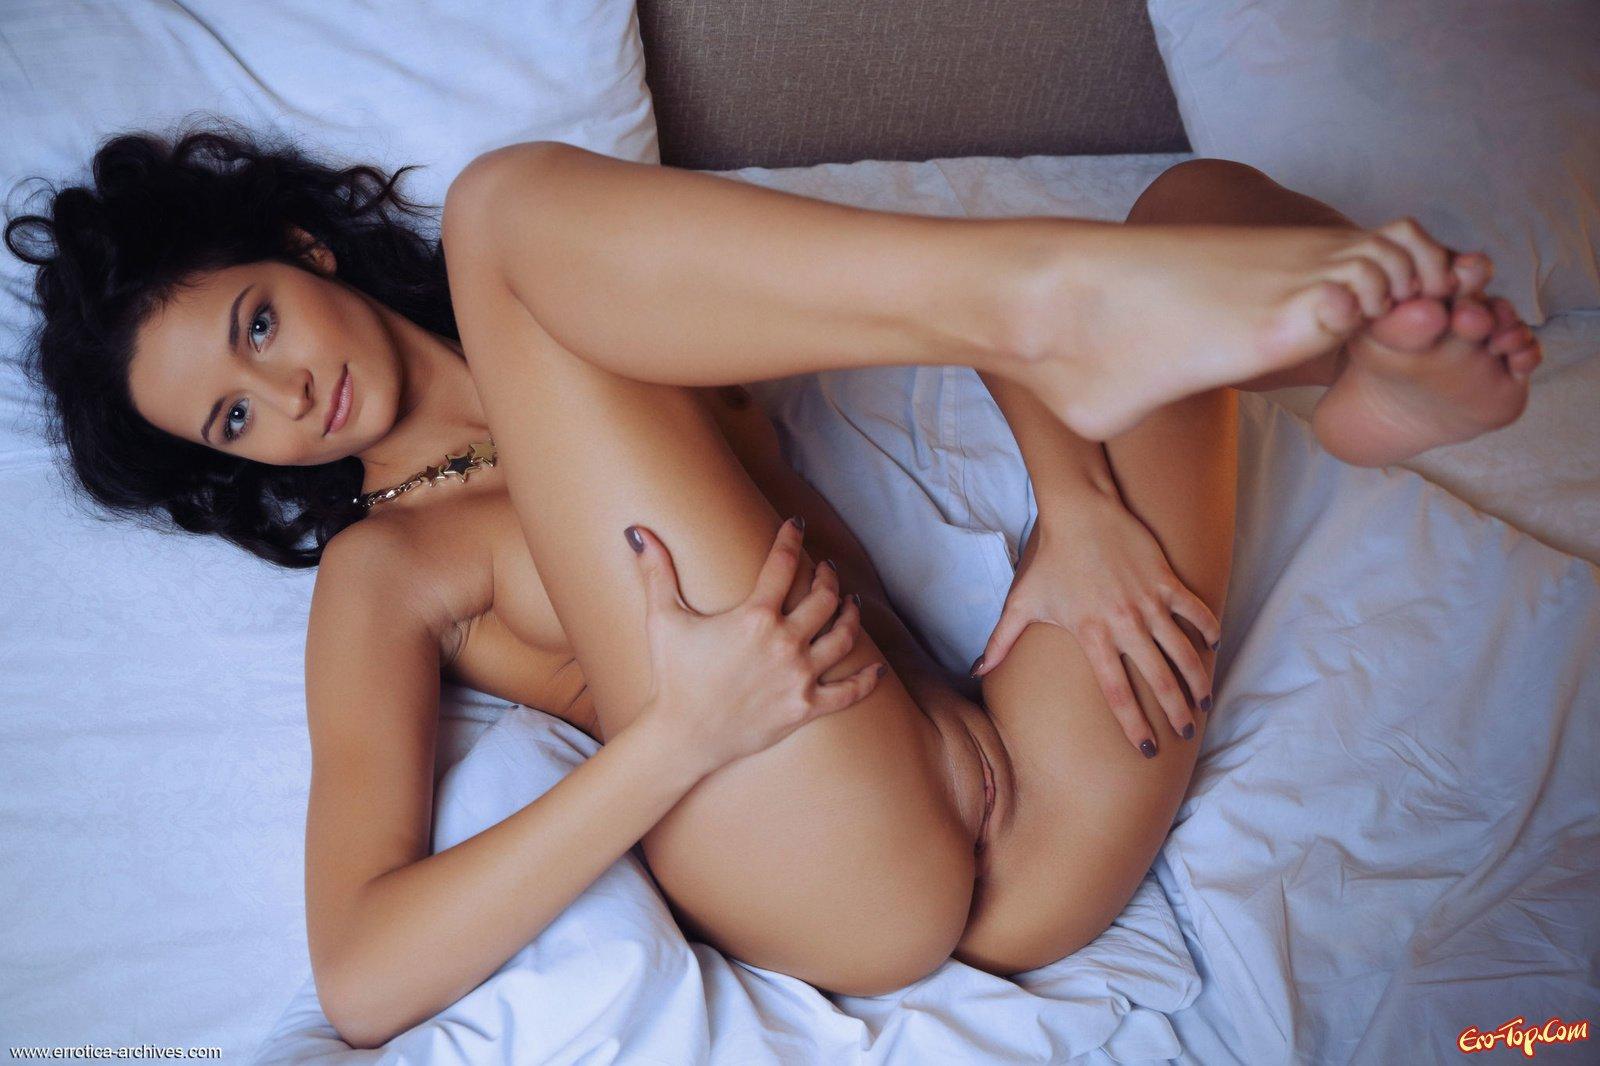 Смуглая красавица оголяет тело лежа в койке